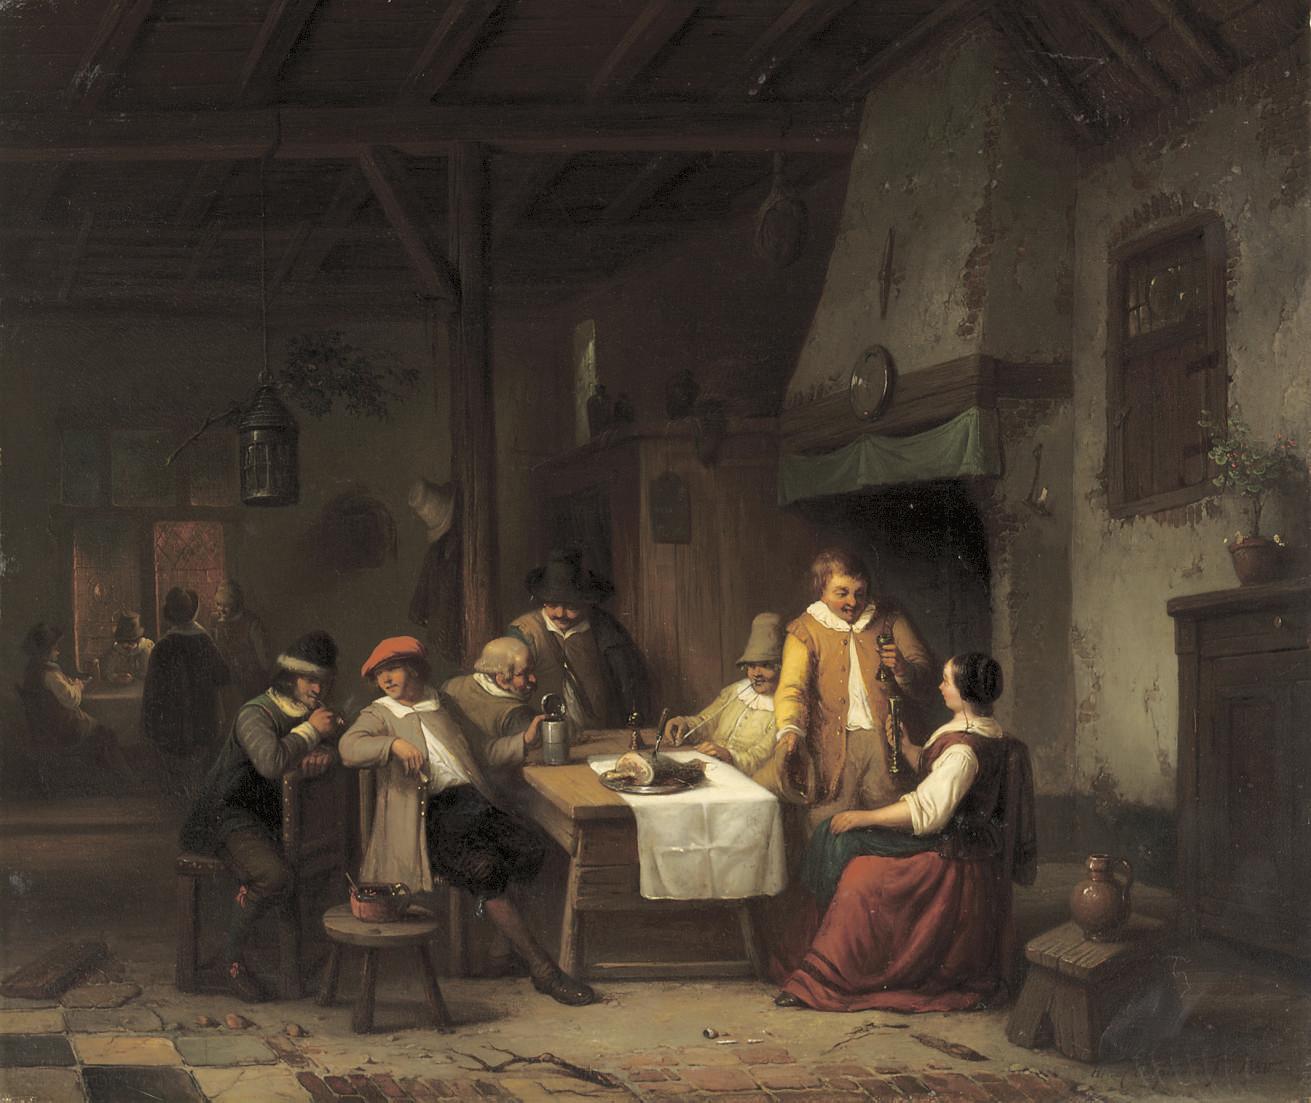 At the tavern